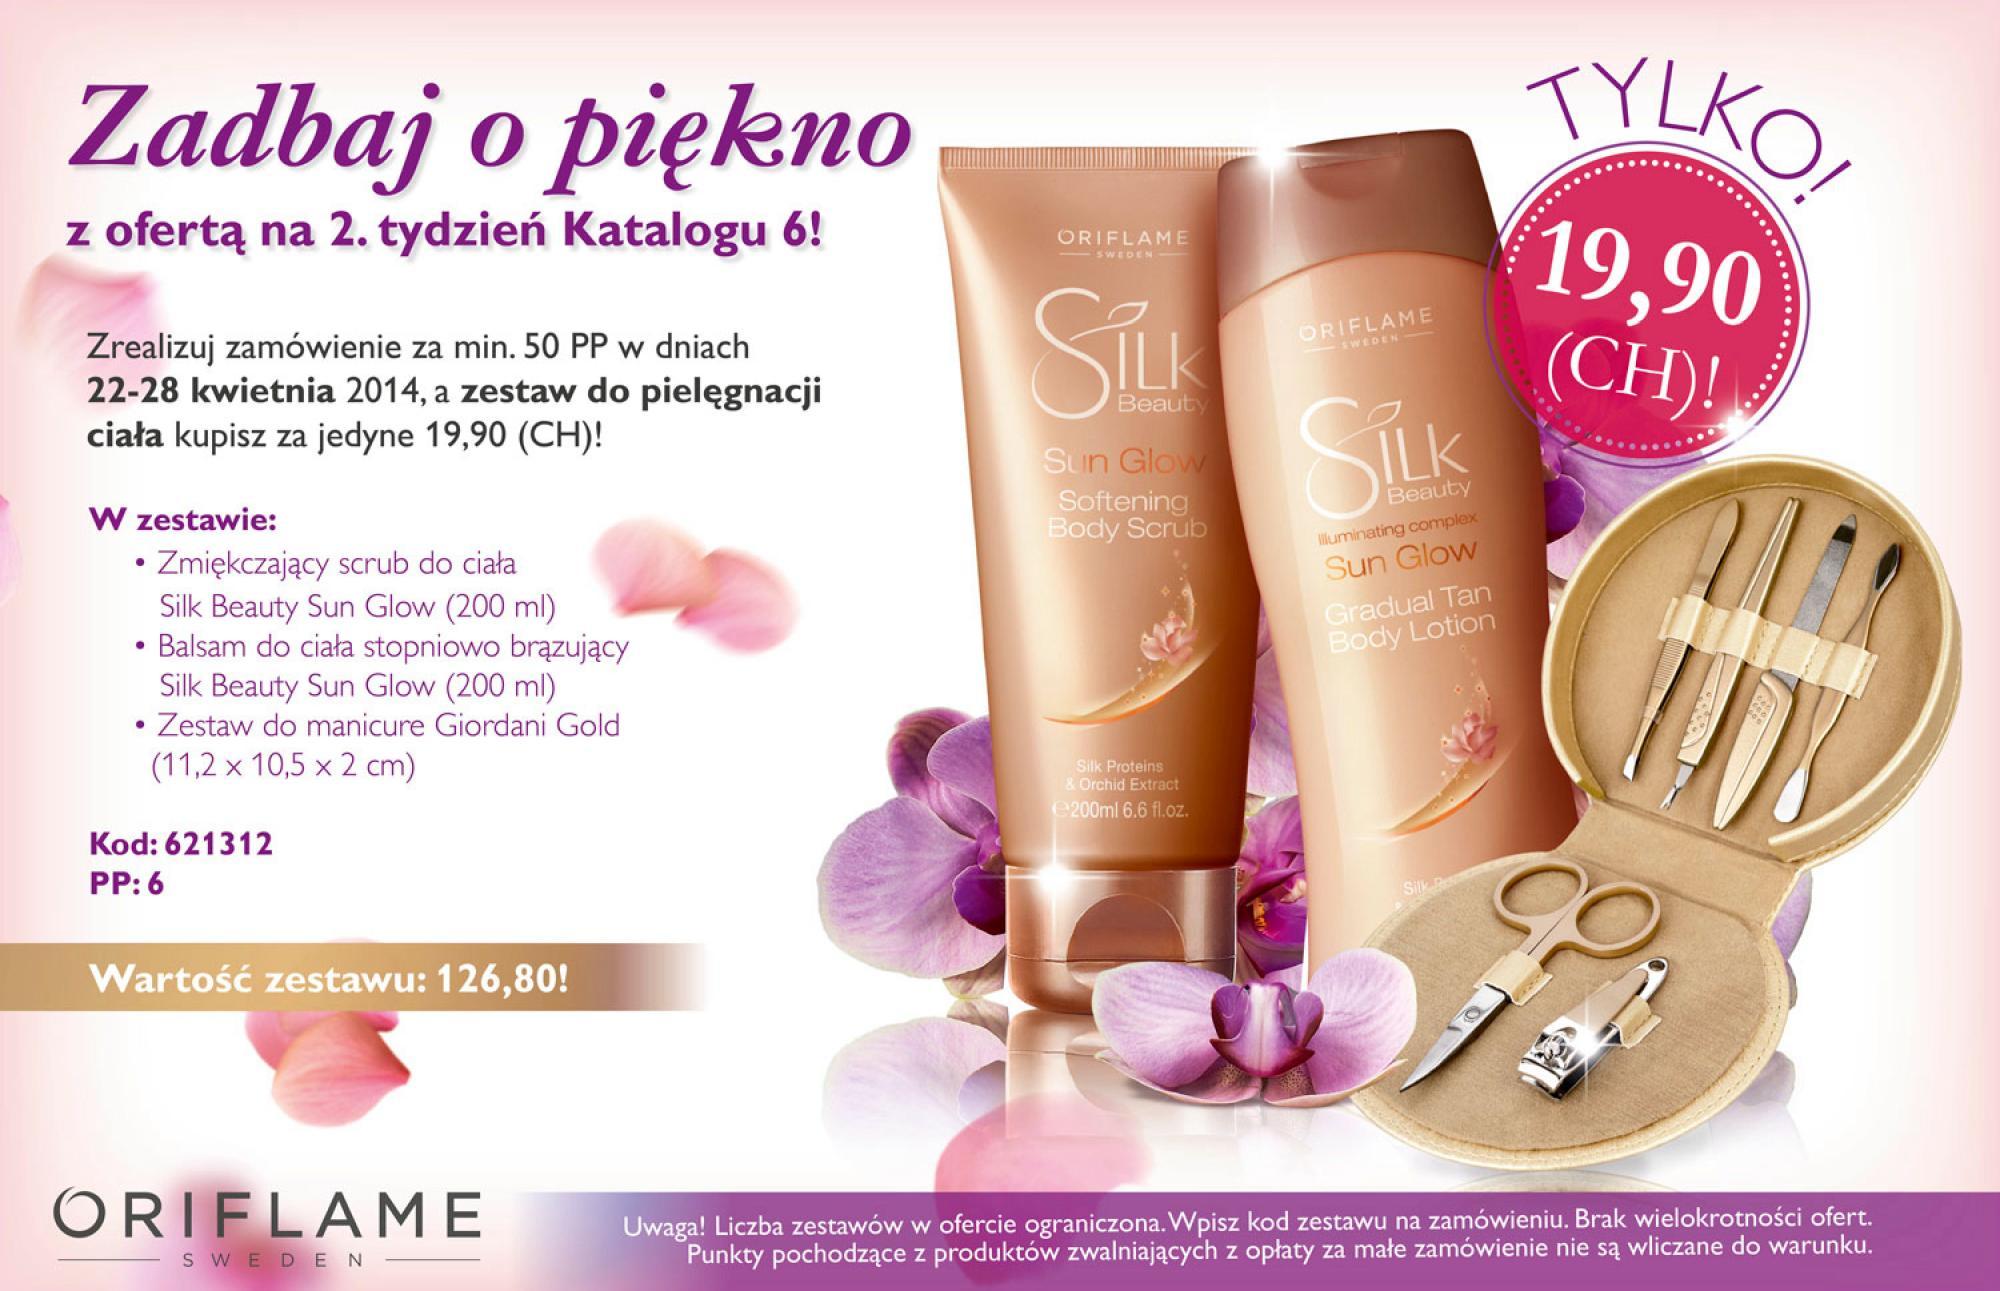 Katalog Oriflame 6 2014 oferta na 2 tydzień